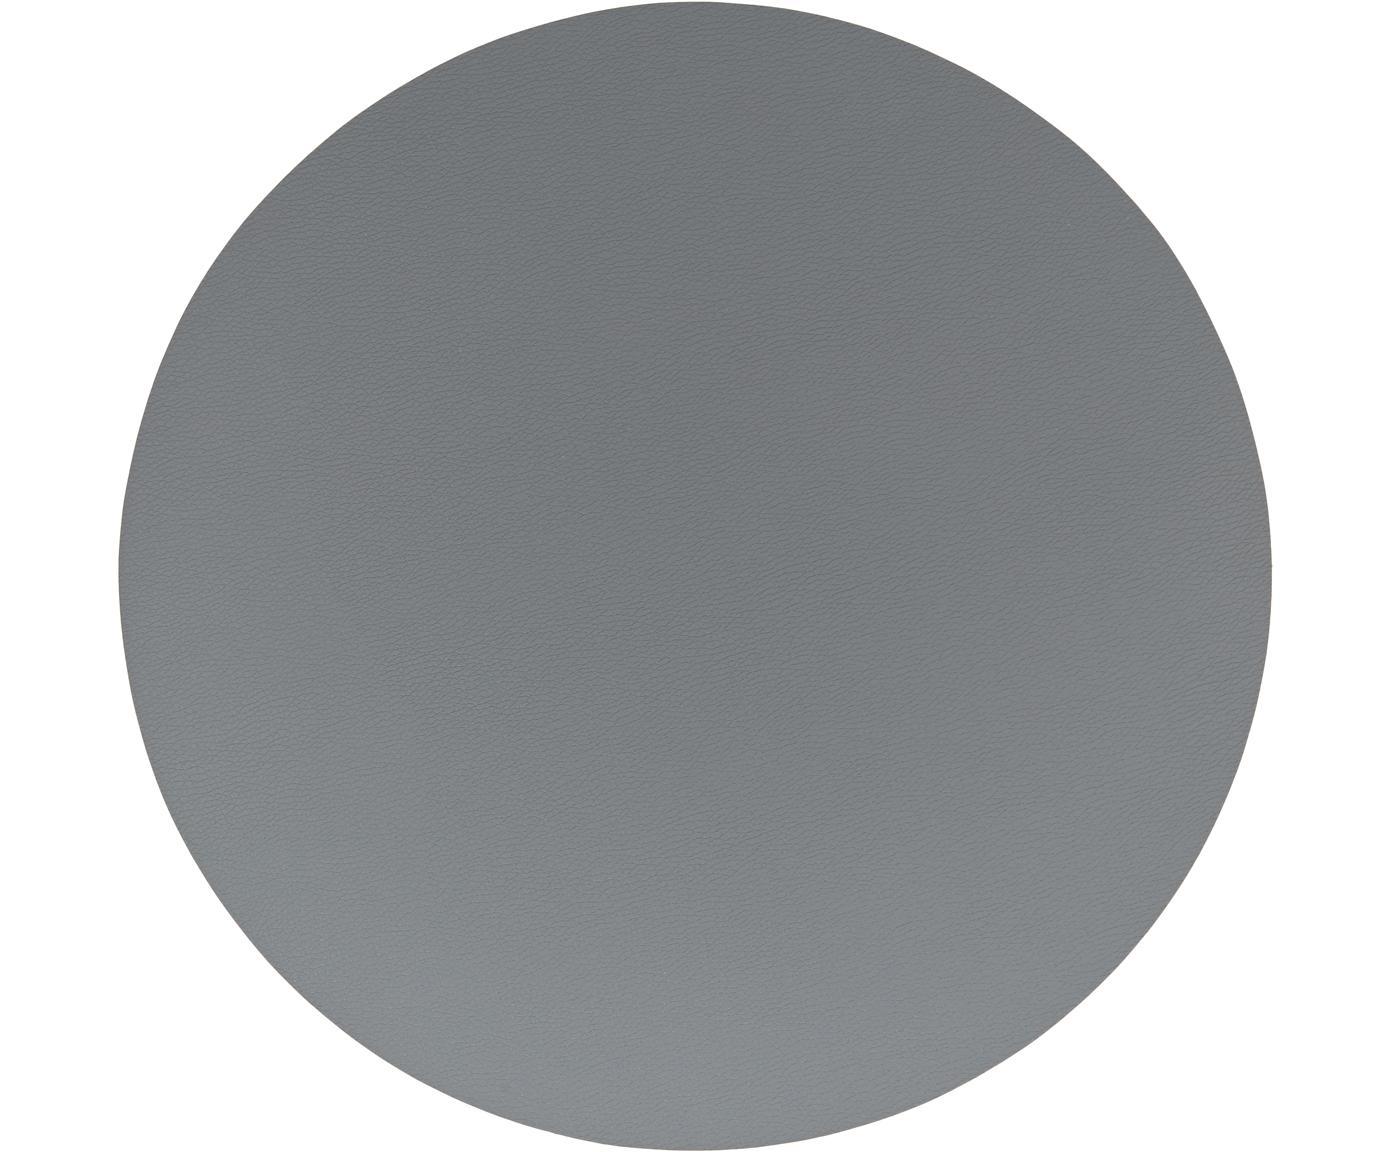 Ronde kunststoffen placemats Pik van kunstleer, 2 stuks, Kunststof (PVC) van kunstleer, Antraciet, Ø 38 cm